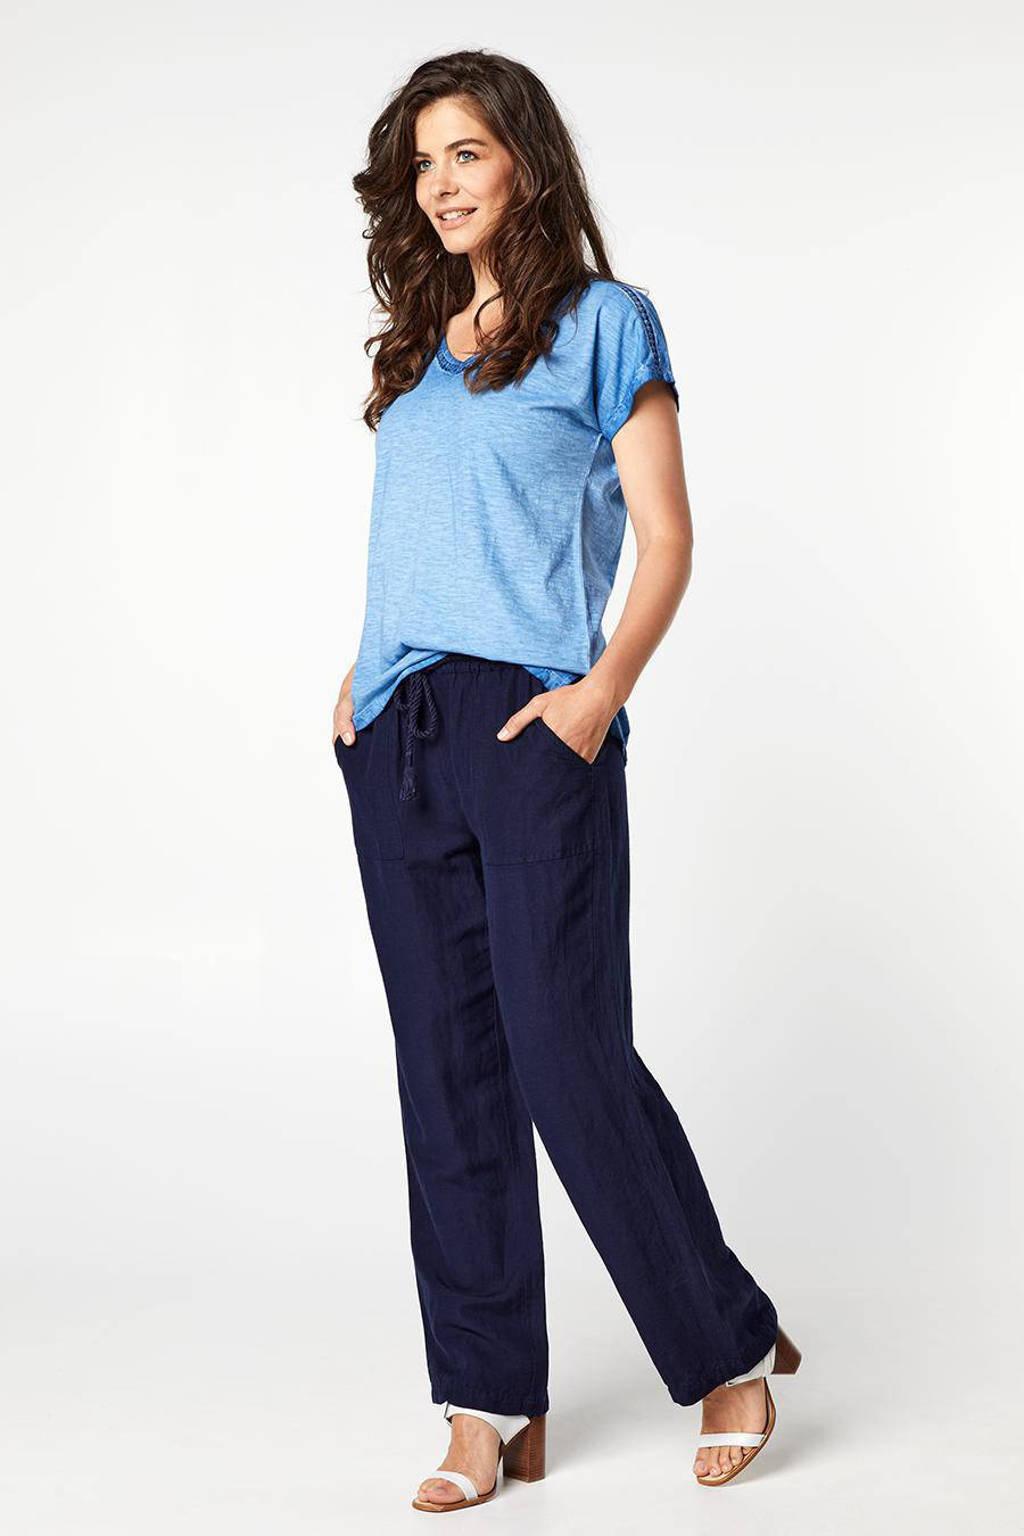 Miss Etam Regulier gehaakt T-shirt blauw, Blauw